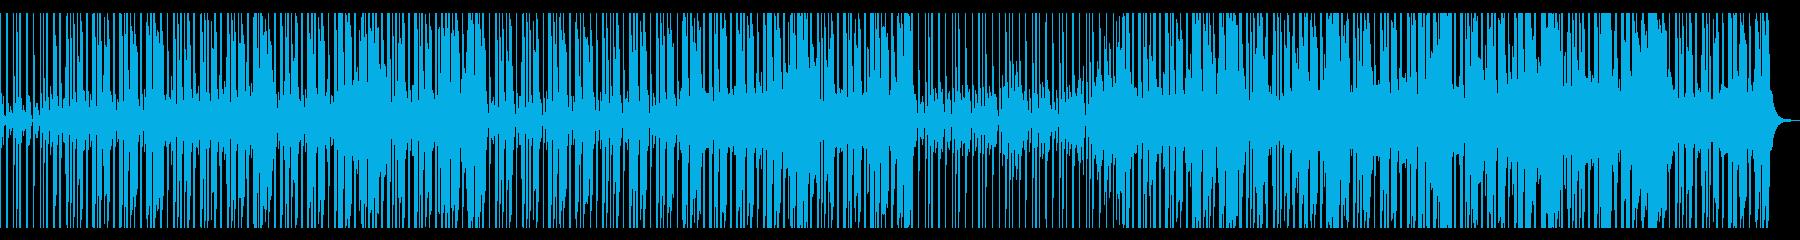 【短いVer2】スローファンクロックの再生済みの波形